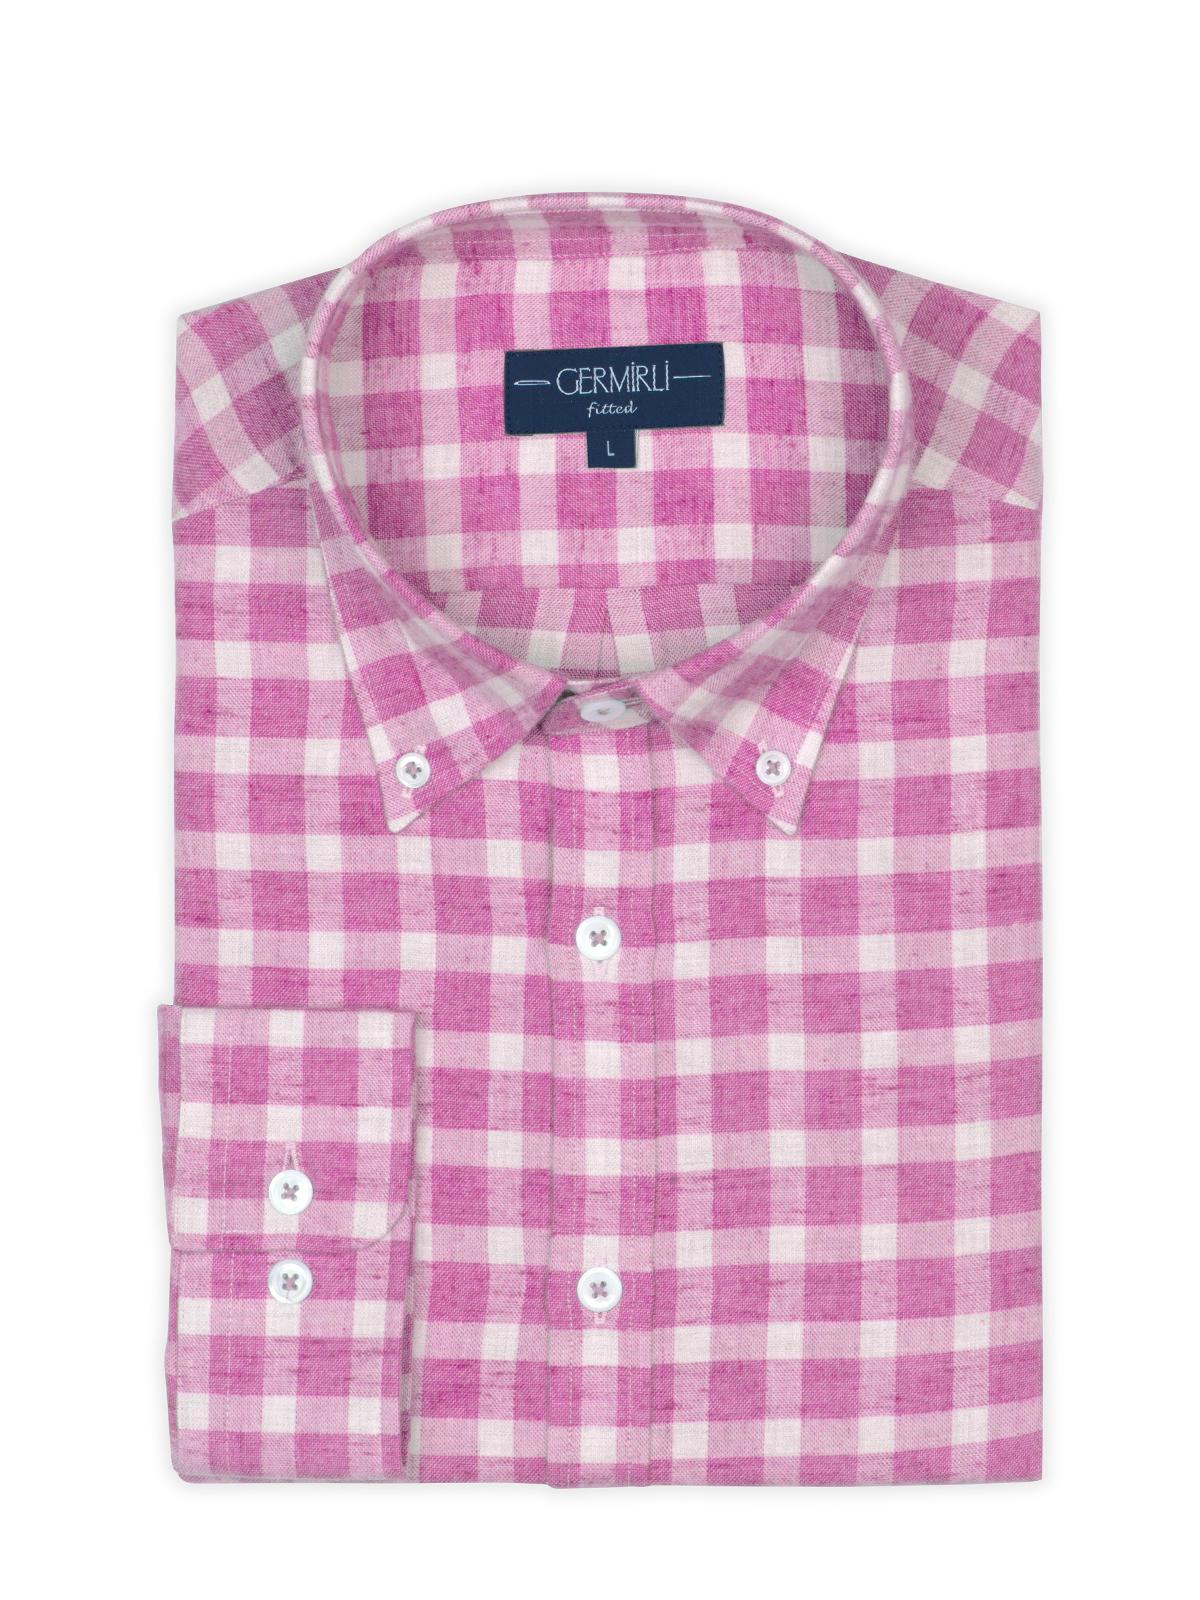 Germirli Pembe Kareli Düğmeli Yaka Flanel Tailor Fit Gömlek